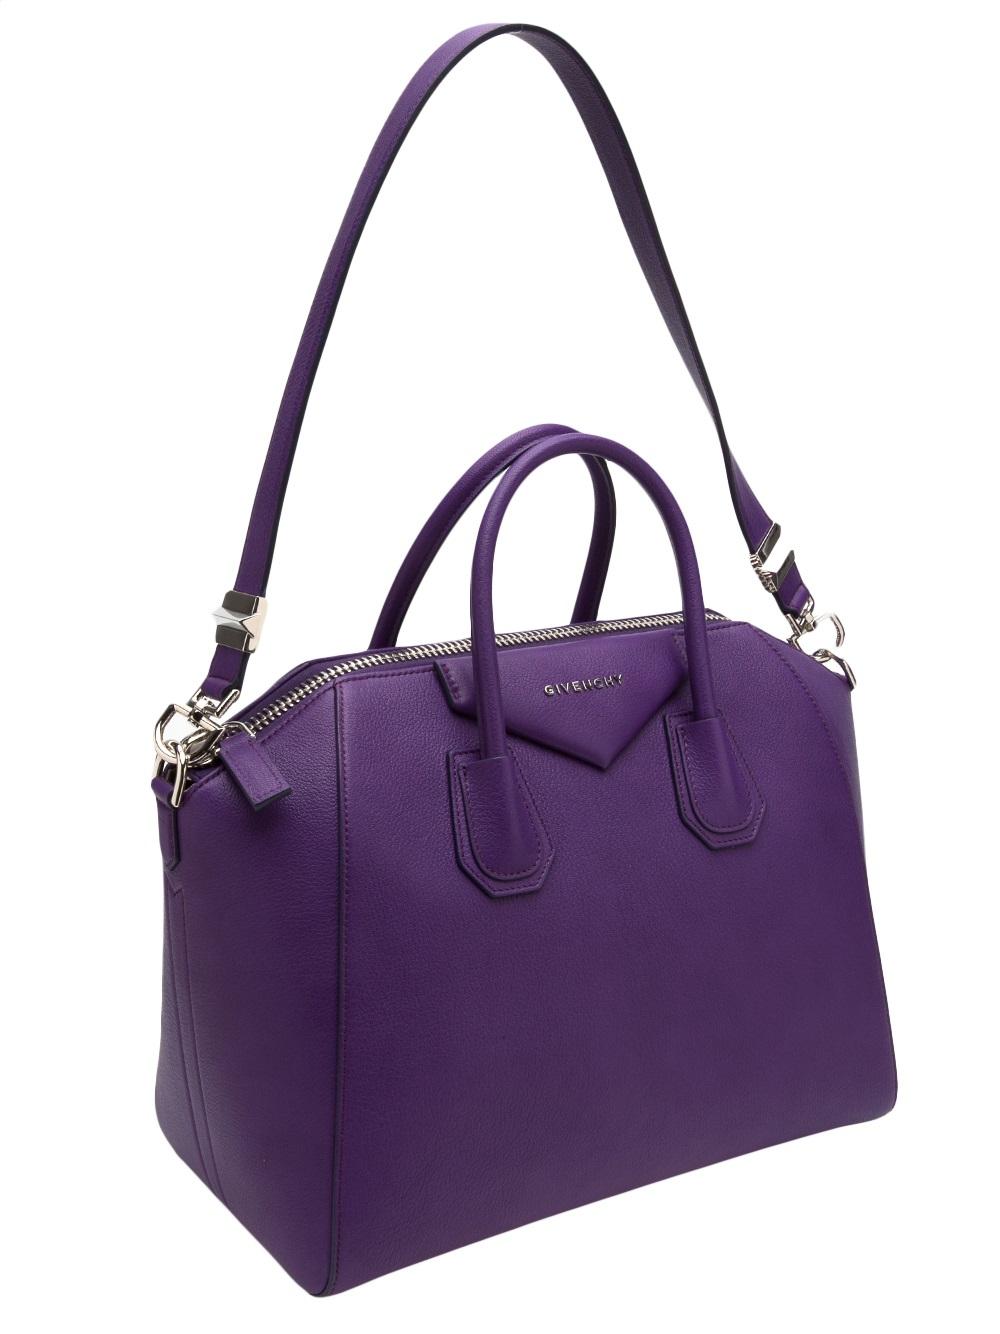 Lyst - Givenchy Antigona Medium Bag in Purple 825274dc08a40